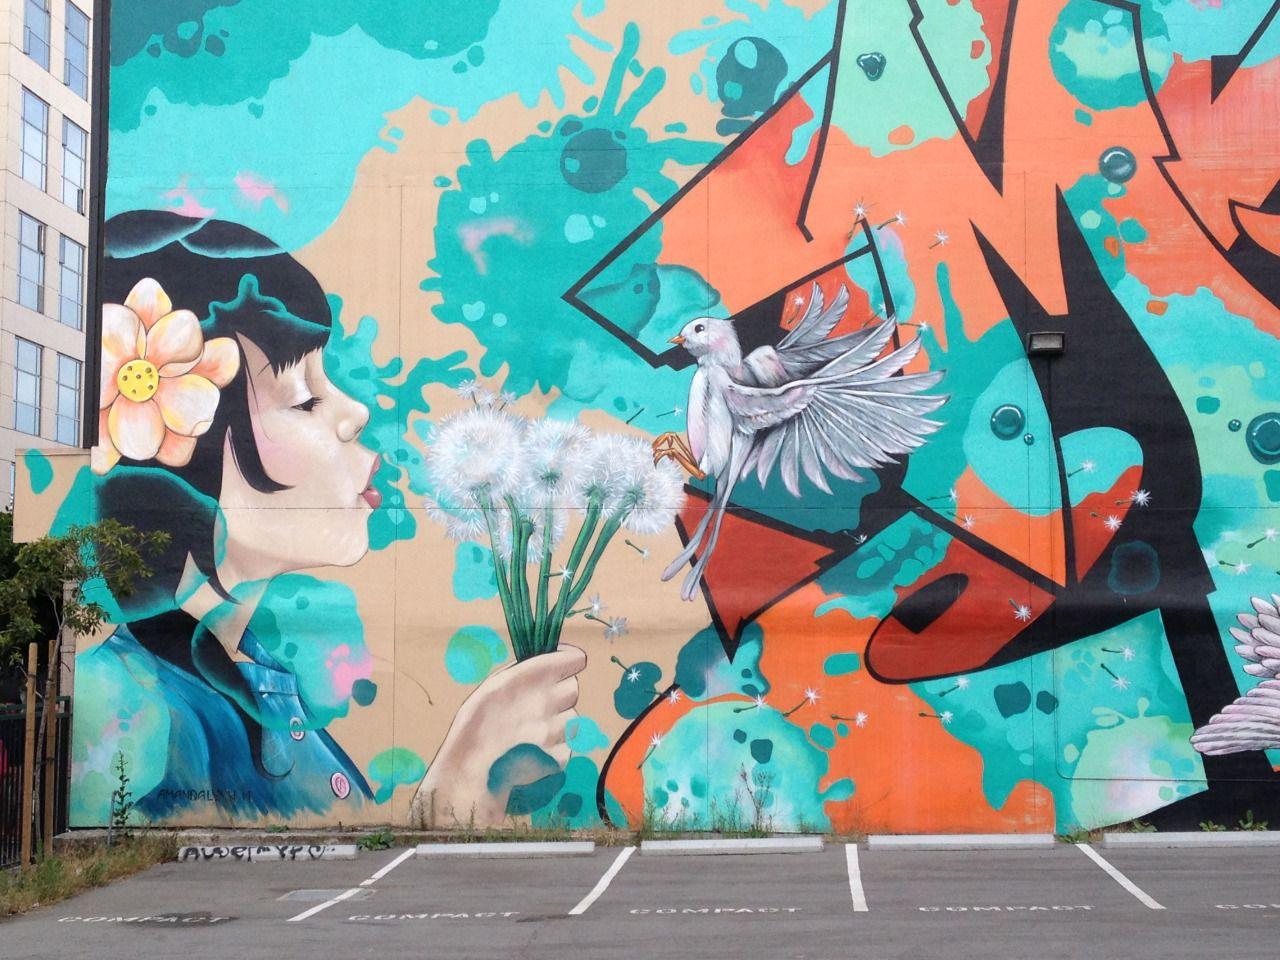 City Street Art Art Street Art Interesting Art